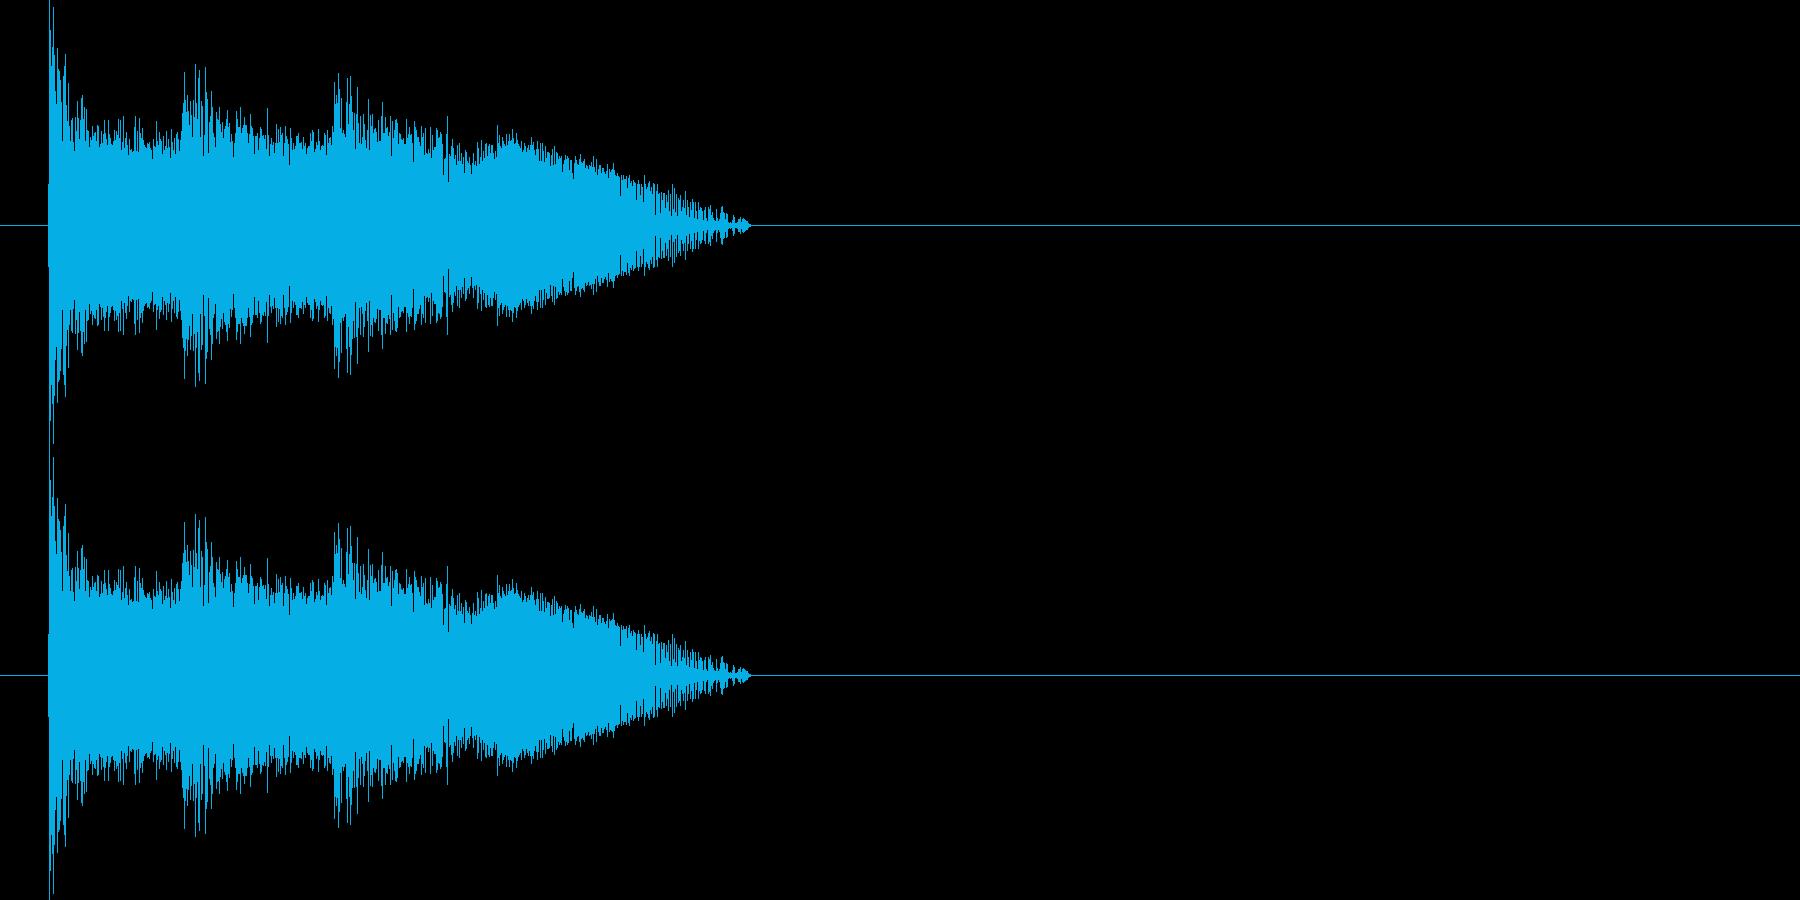 ビーム 14(3点バースト) の再生済みの波形